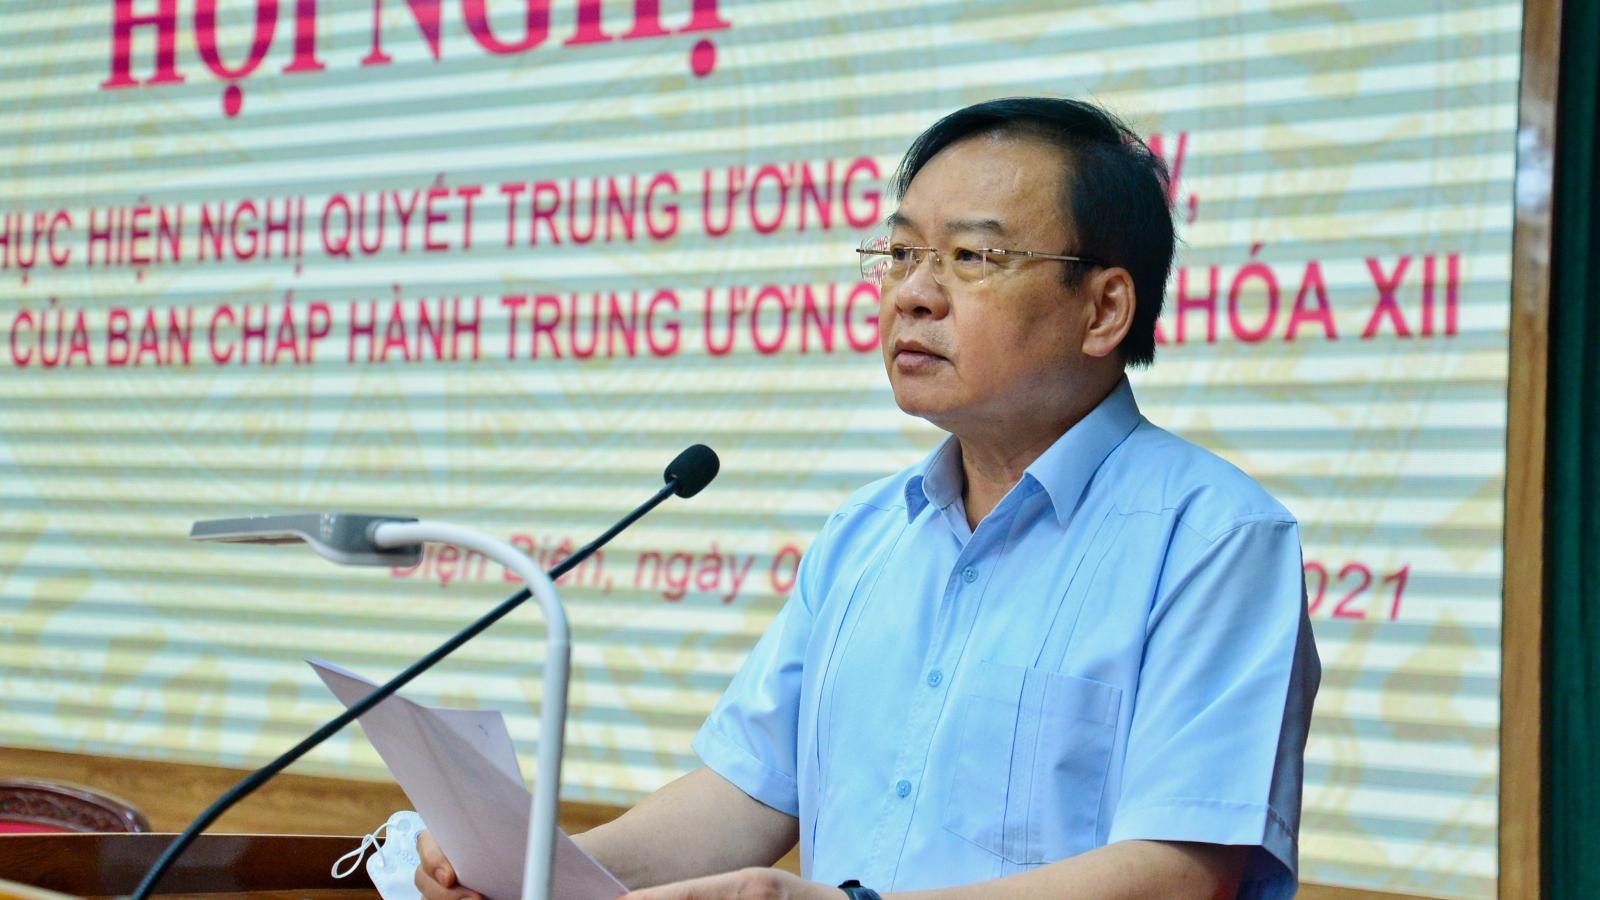 Gần 800 đảng viên ở Điện Biên bị kỷ luật sau gần 5 năm thực hiện Nghị quyết TƯ4